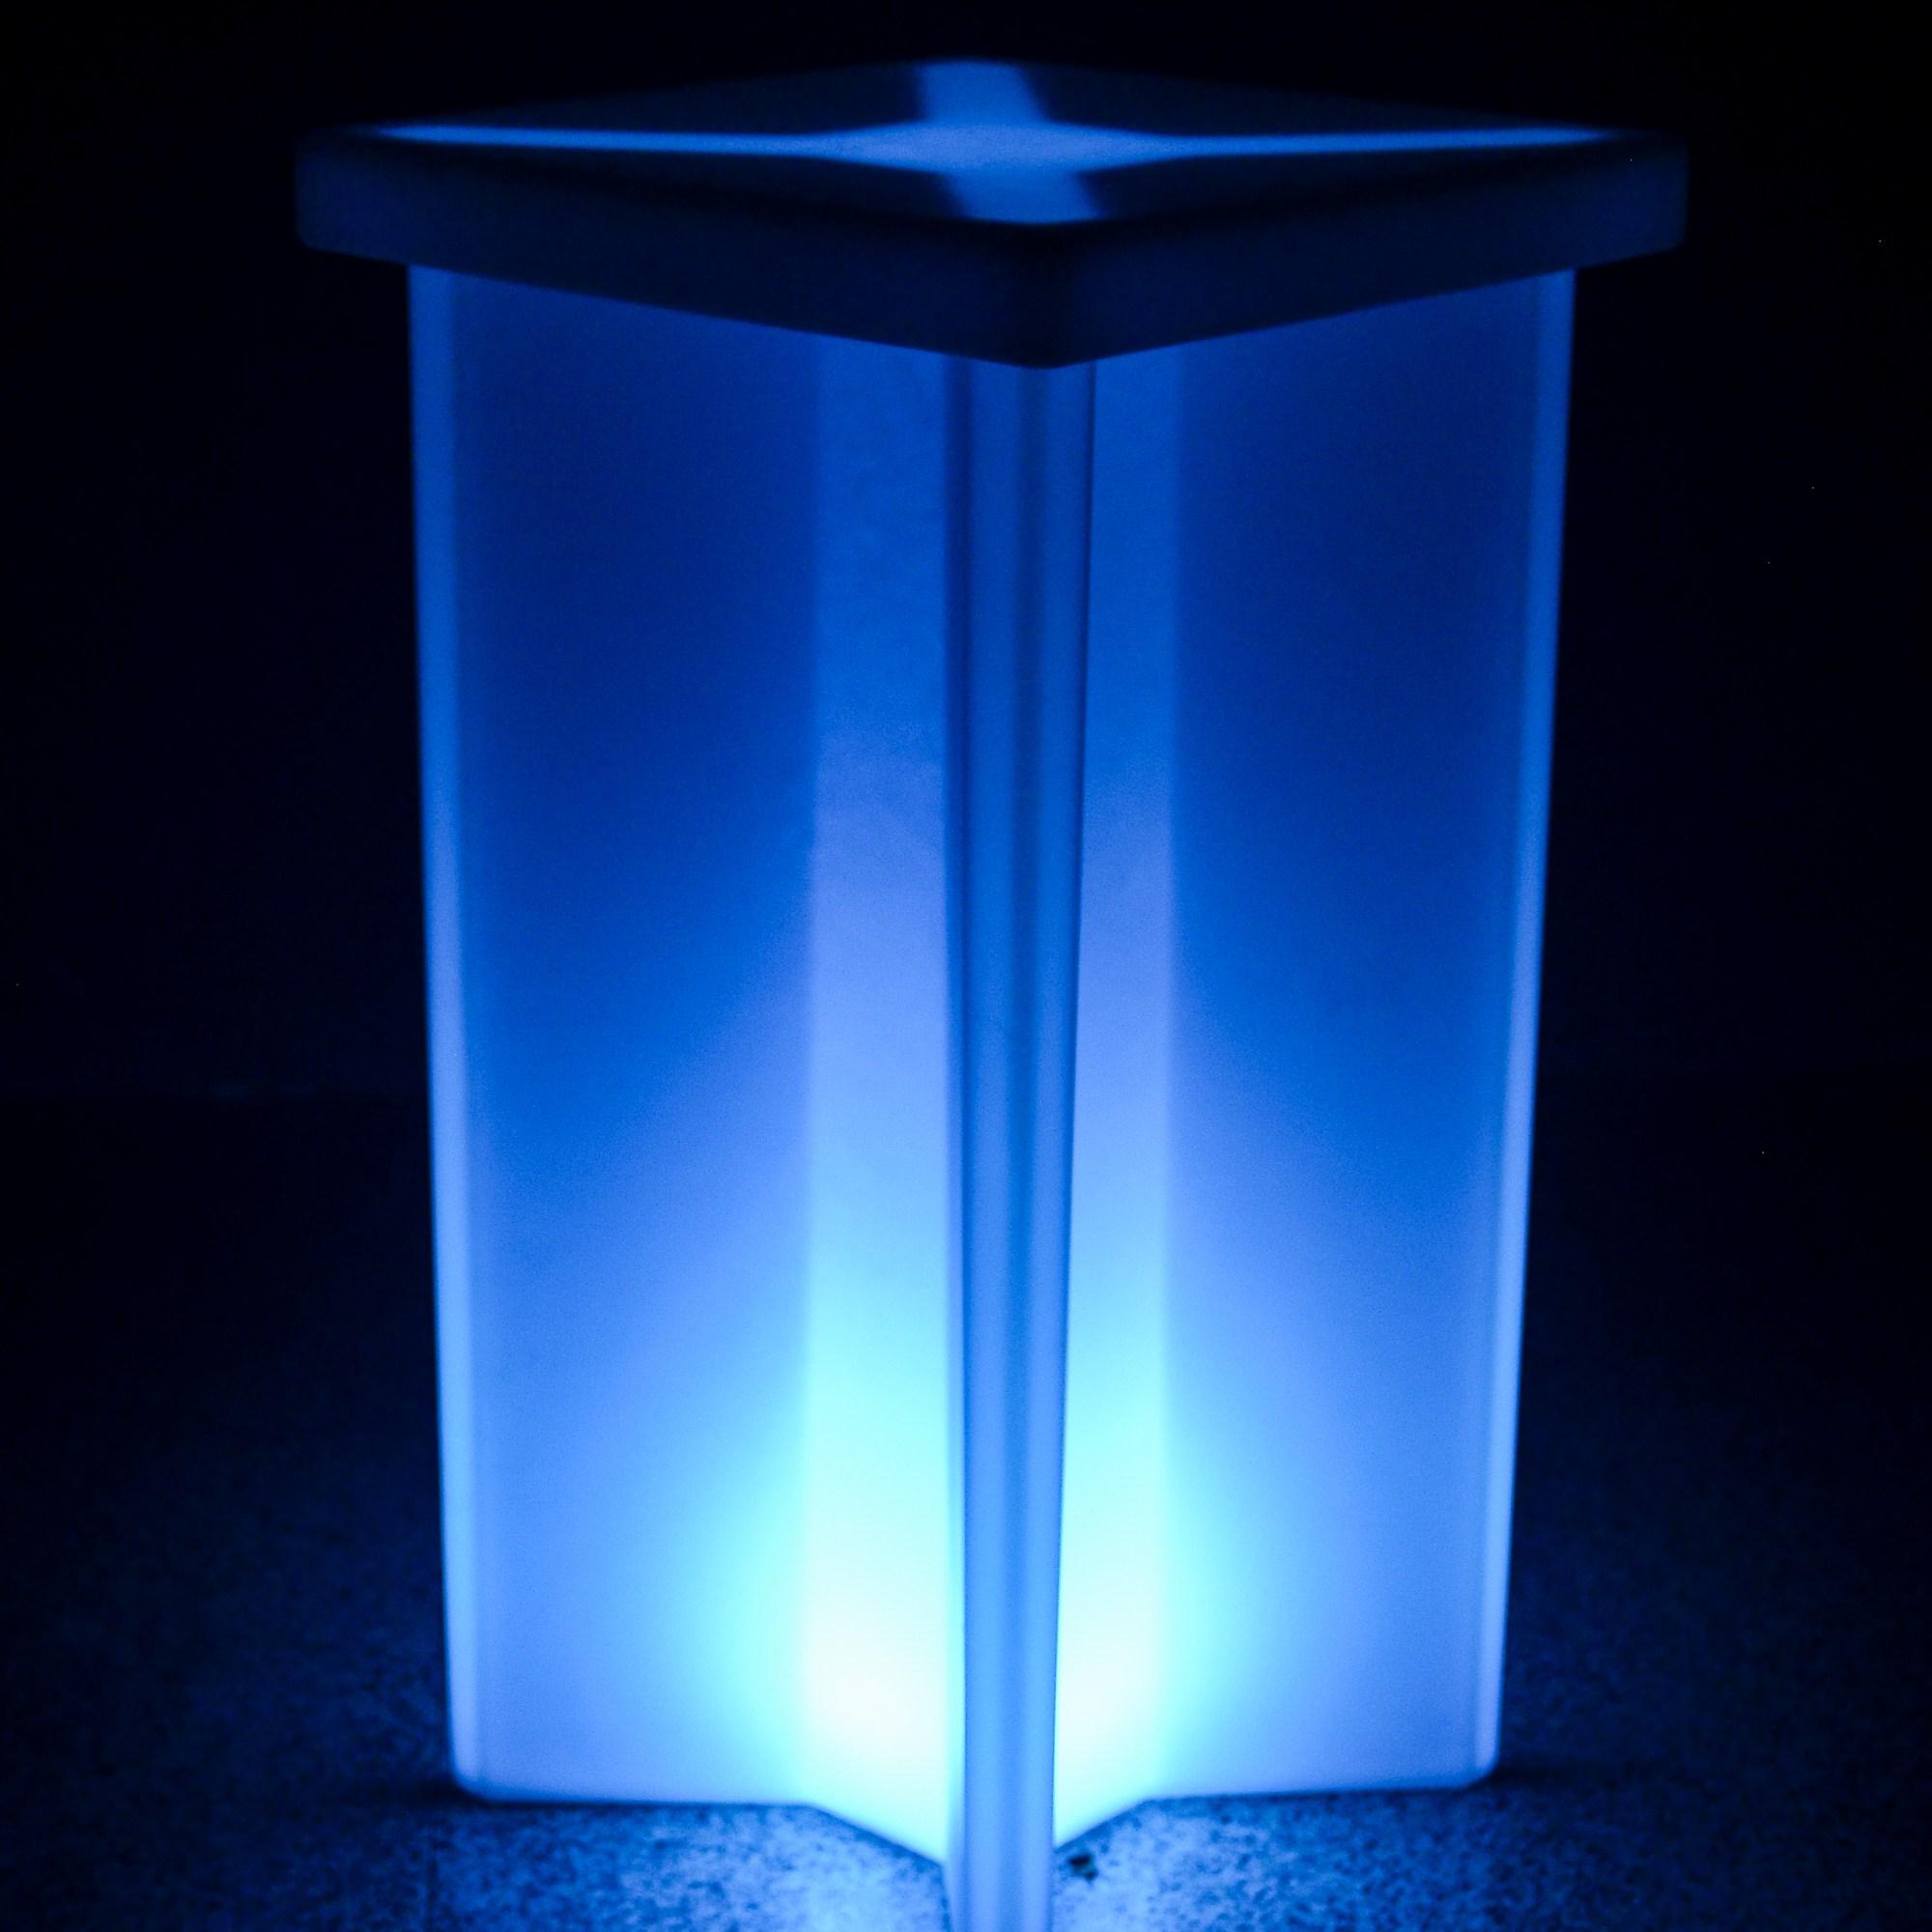 aluguel de móveis de LED para festas e eventos, festa personalizada